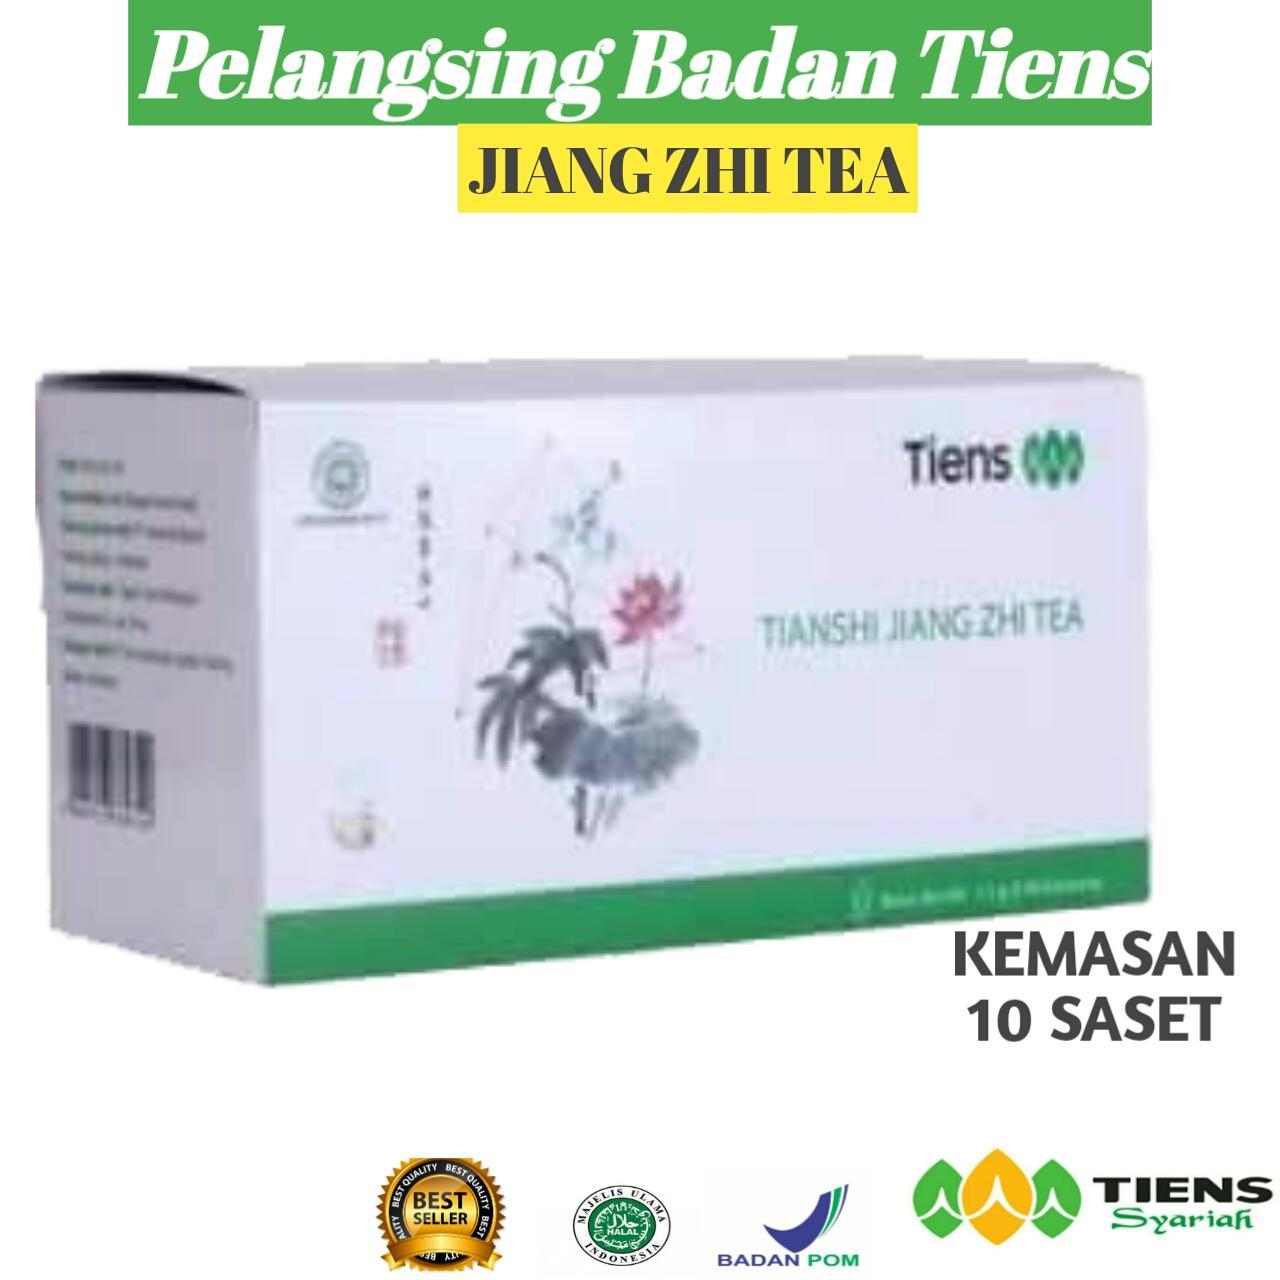 Tiens Penghancur Lemak Dan Pelangsing Badan Teh Jiang Zhi Tea Paket Hemat 10 Saset 100% Original By Bakul Tiens Herbal By Bakul Tiens Herbal.